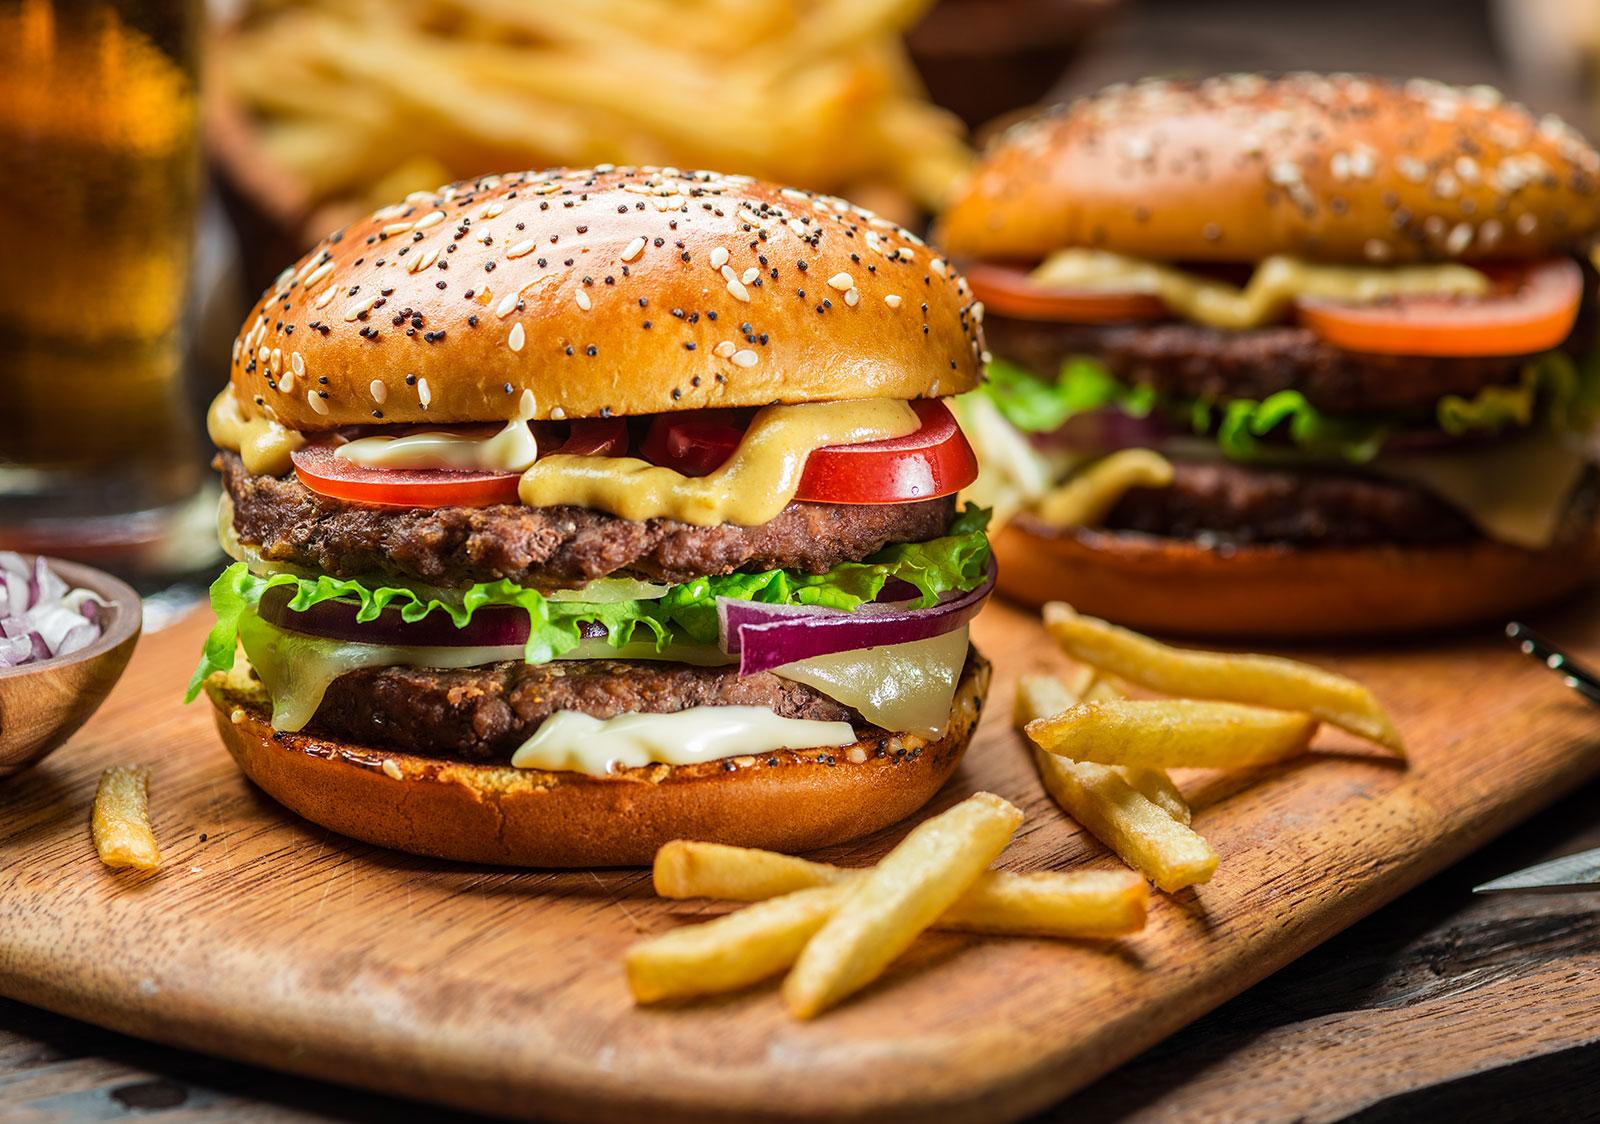 MS- Formatrici automatiche per polpette e hamburger